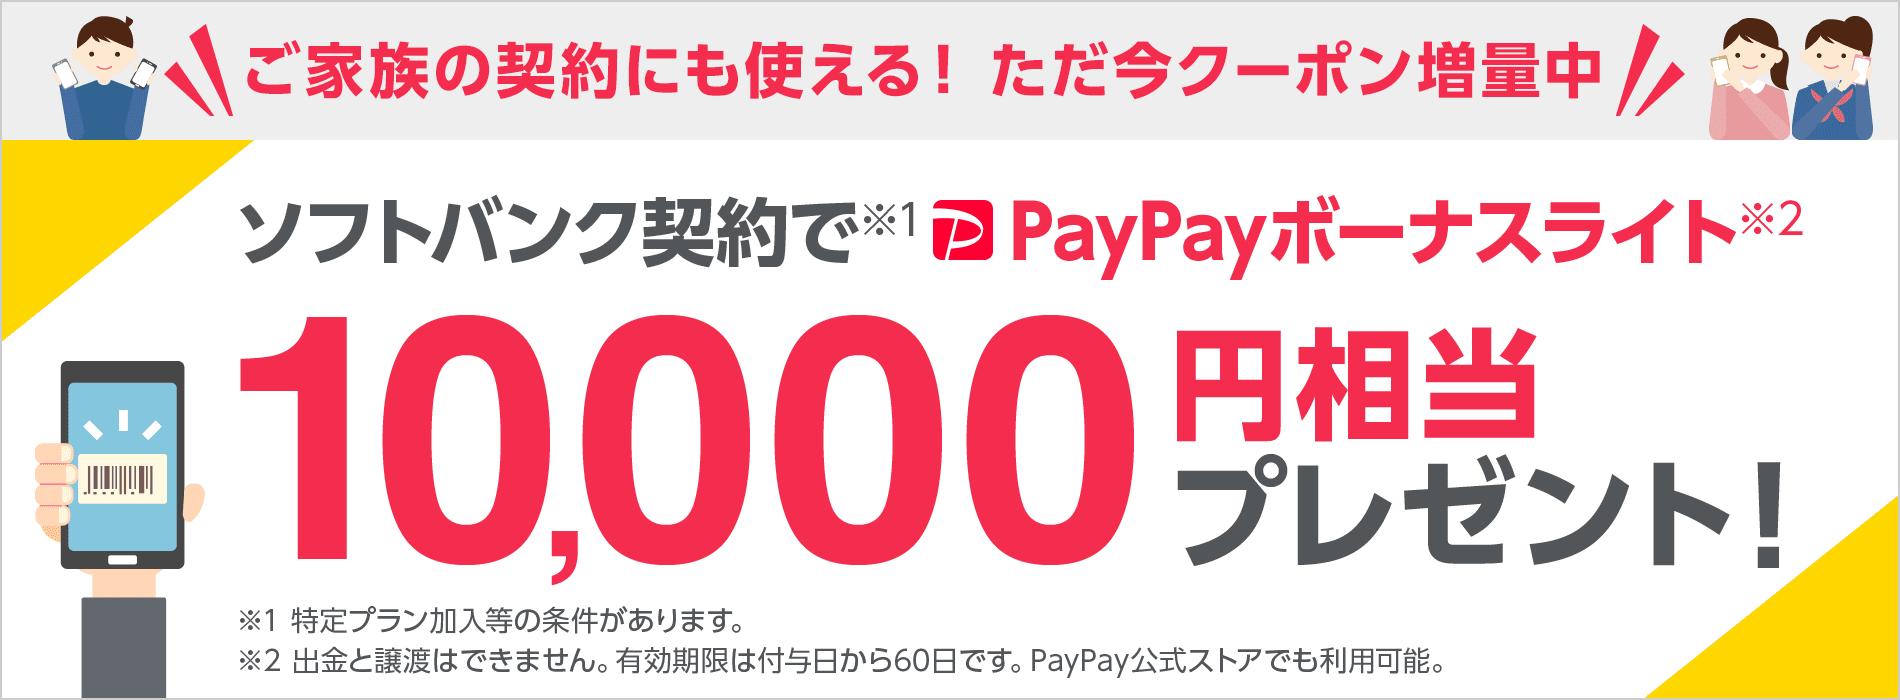 ご家族の契約にも使える! ただ今クーポン増量中 ソフトバンク契約で※1 PayPayボーナスライト※2 10,000円相当プレゼント!※1 特定プラン加入等の条件があります。 ※2 出金と譲渡はできません。有効期限は付与日から60日です。PayPay公式ストアでも利用可能。